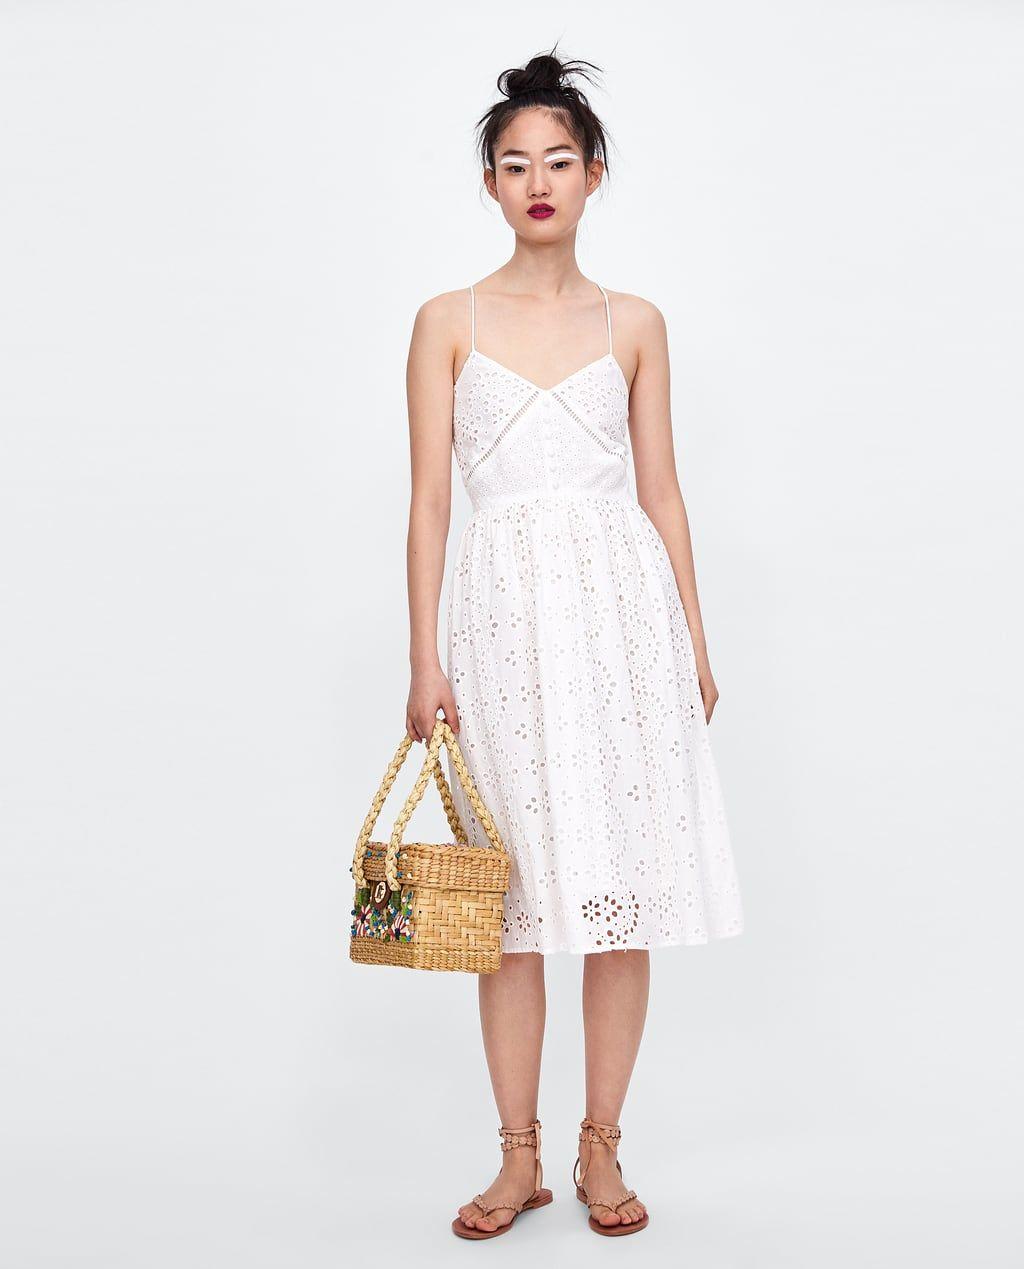 Immagine 1 di VESTITO TRAFORATO RICAMATO di Zara | Vestidos